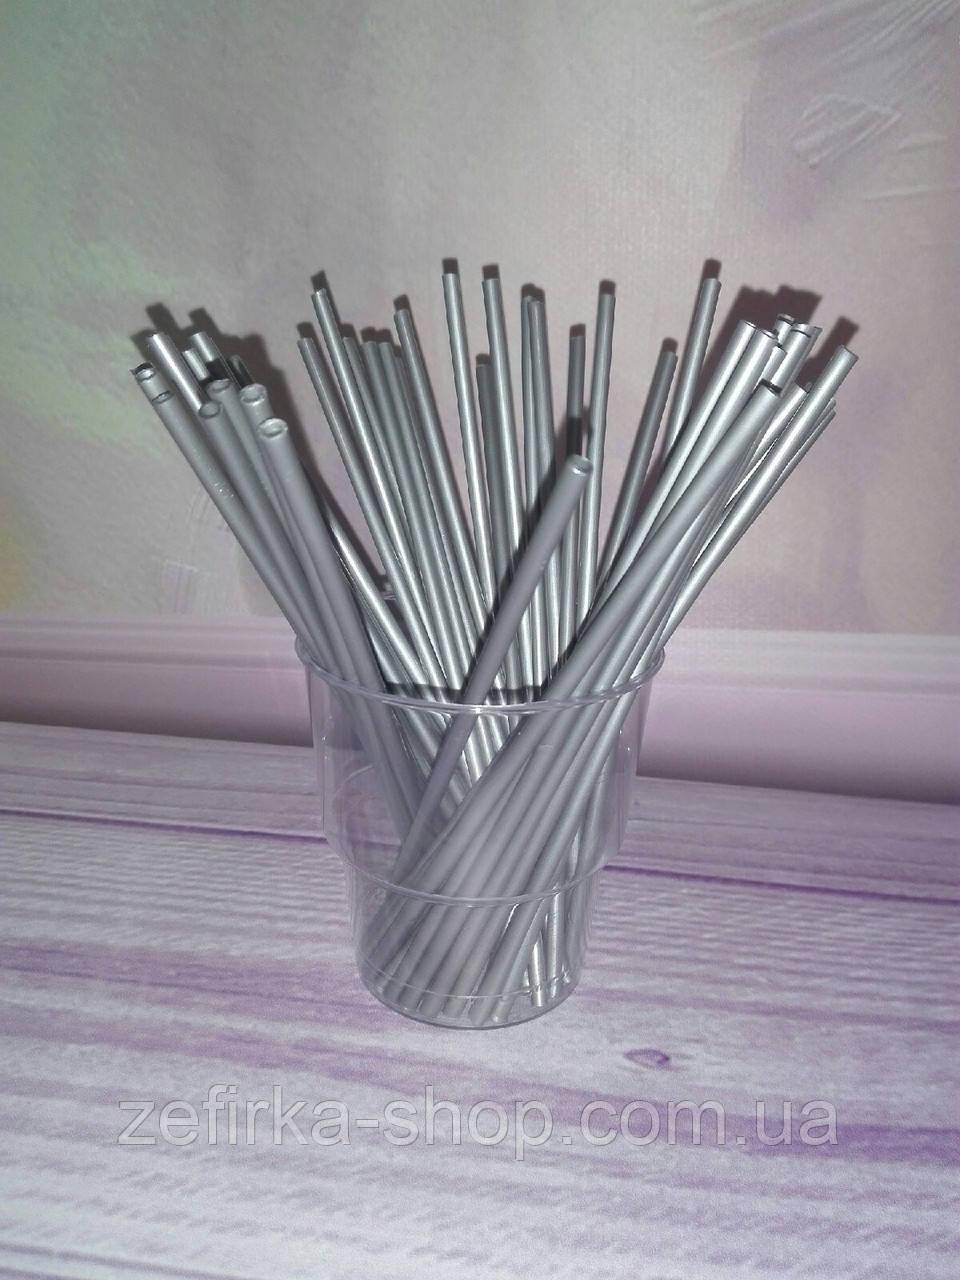 Палочки для кейк- попсов серебро, 15 см